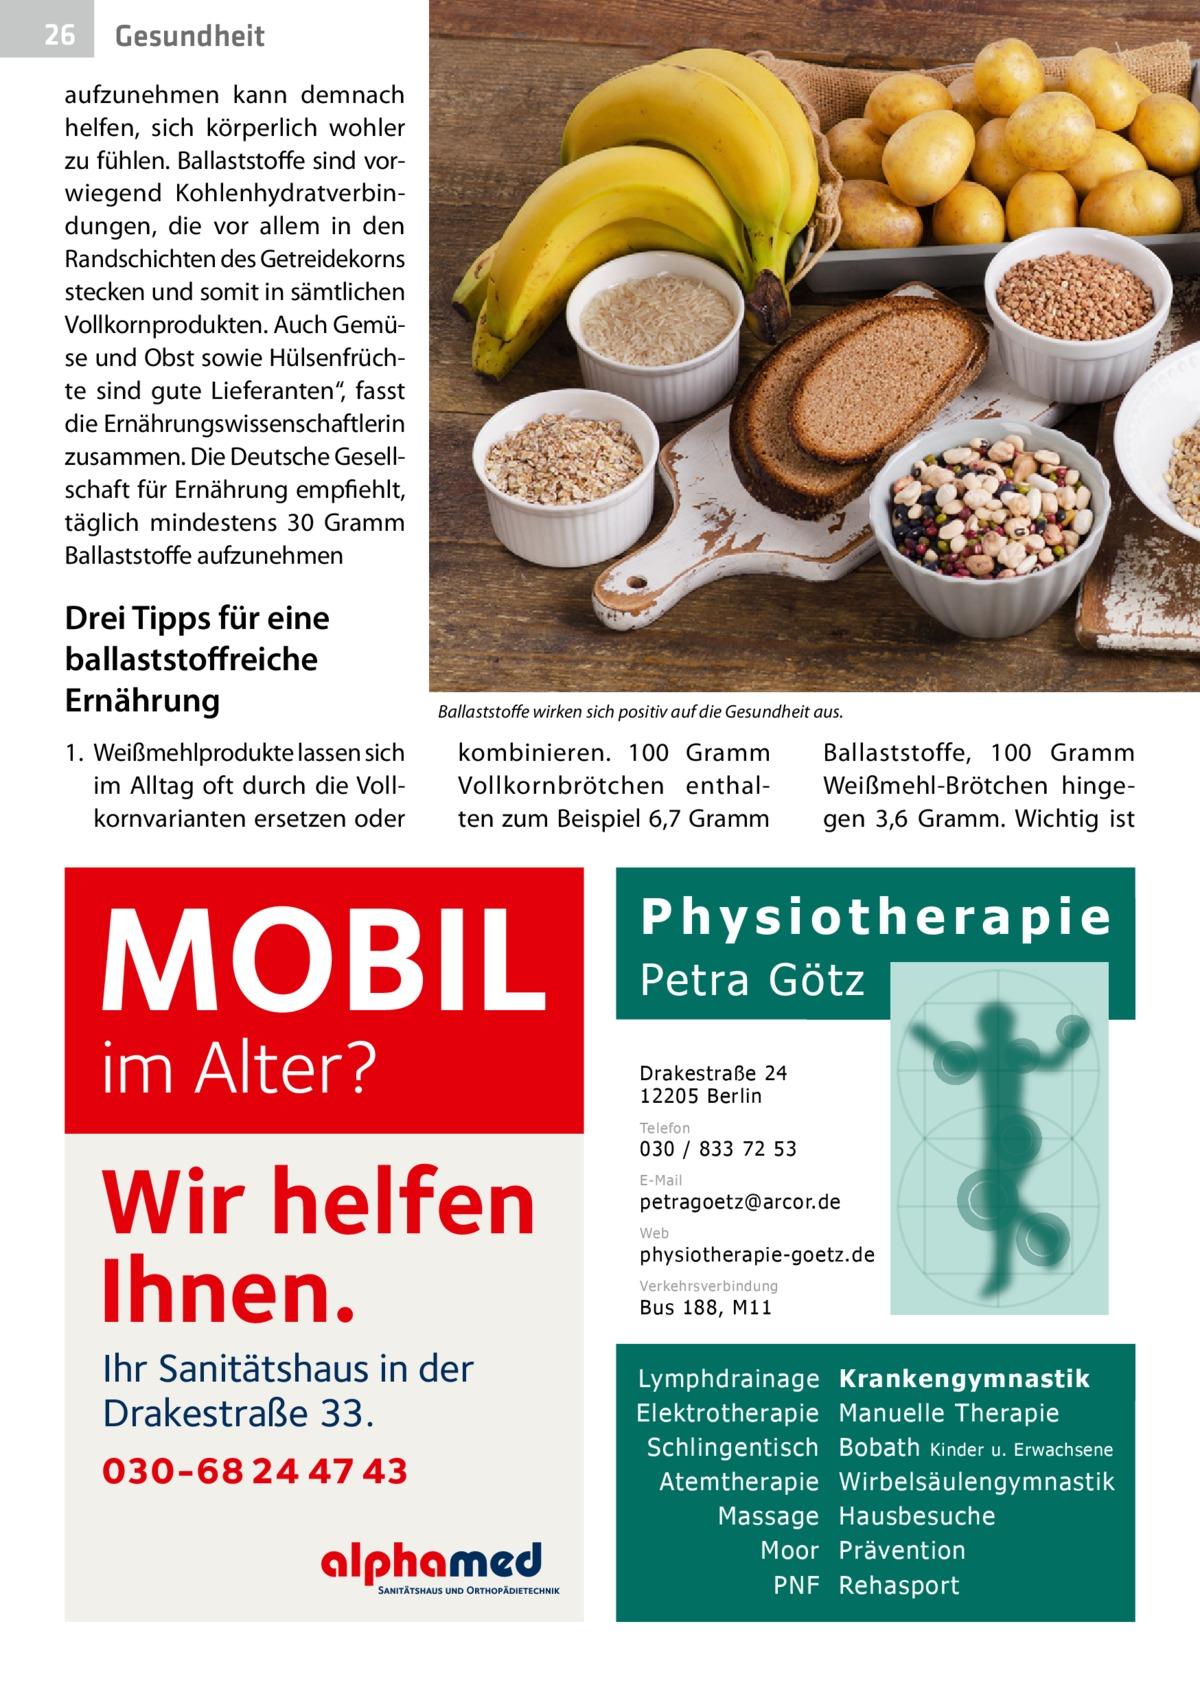 """26  Gesundheit  aufzunehmen kann demnach helfen, sich körperlich wohler zu fühlen. Ballaststoffe sind vorwiegend Kohlenhydratverbindungen, die vor allem in den Randschichten des Getreidekorns stecken und somit in sämtlichen Vollkornprodukten. Auch Gemüse und Obst sowie Hülsenfrüchte sind gute Lieferanten"""", fasst die Ernährungswissenschaftlerin zusammen. Die Deutsche Gesellschaft für Ernährung empfiehlt, täglich mindestens 30 Gramm Ballaststoffe aufzunehmen  Drei Tipps für eine ballaststoffreiche Ernährung 1. Weißmehlprodukte lassen sich im Alltag oft durch die Vollkornvarianten ersetzen oder  Ballaststoffe wirken sich positiv auf die Gesundheit aus.�  kombinieren. 100 Gramm Vollkornbrötchen enthalten zum Beispiel 6,7Gramm  MOBIL im Alter?  Ballaststoffe, 100 Gramm Weißmehl-Brötchen hingegen 3,6 Gramm. Wichtig ist  Physiotherapie Petra Götz Drakestraße 24 12205 Berlin Telefon  Wir helfen Ihnen. Ihr Sanitätshaus in der Drakestraße 33.  030-68 24 47 43  030 / 833 72 53 E-Mail  petragoetz@arcor.de Web  physiotherapie-goetz.de Verkehrsverbindung  Bus 188, M11  Lymphdrainage Elektrotherapie Schlingentisch Atemtherapie Massage Moor PNF  Krankengymnastik Manuelle Therapie Bobath Kinder u. Erwachsene Wirbelsäulengymnastik Hausbesuche Prävention Rehasport"""